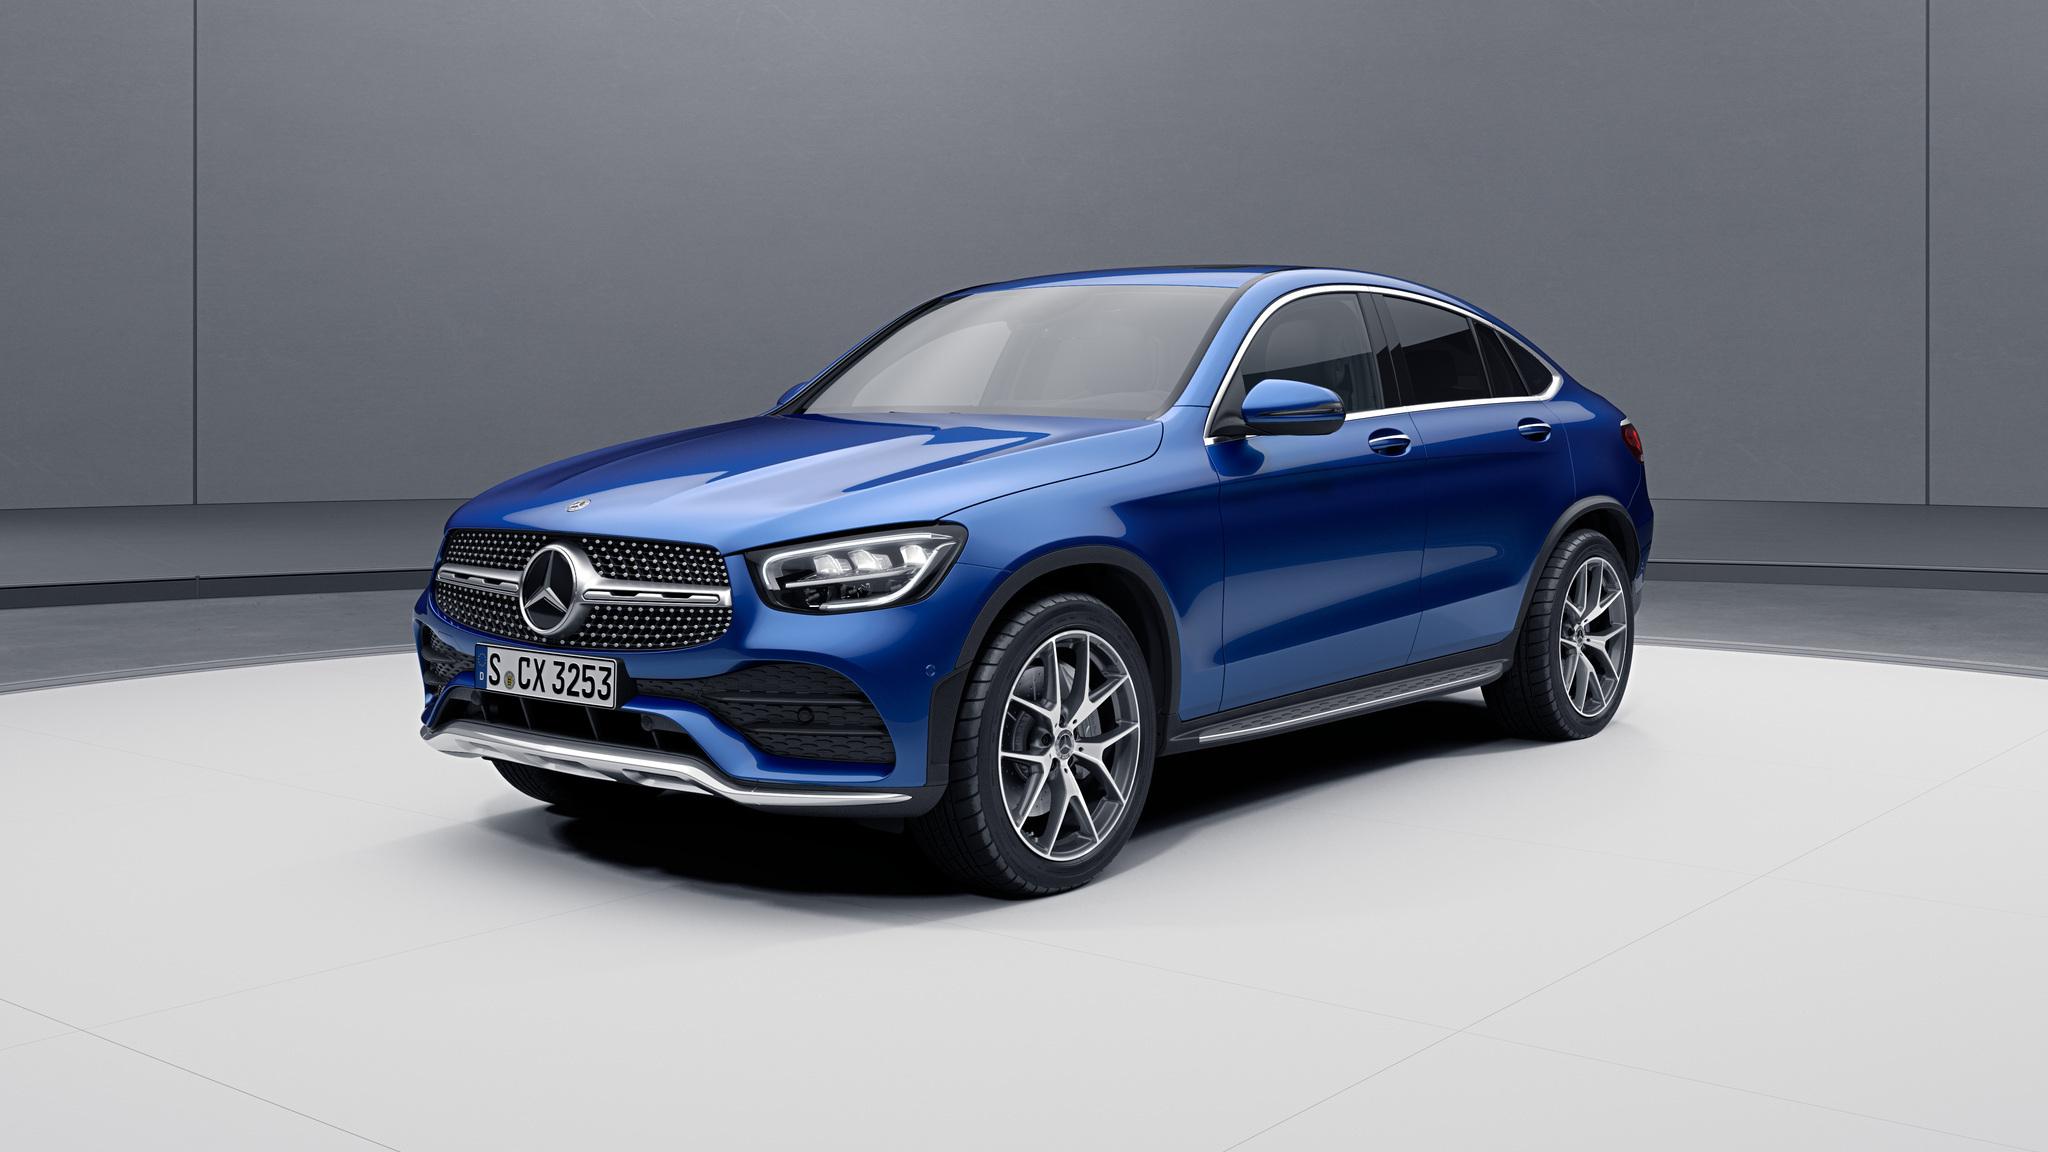 Extérieur de la Mercedes GLC Coupé - Peinture métallisée bleu brillant